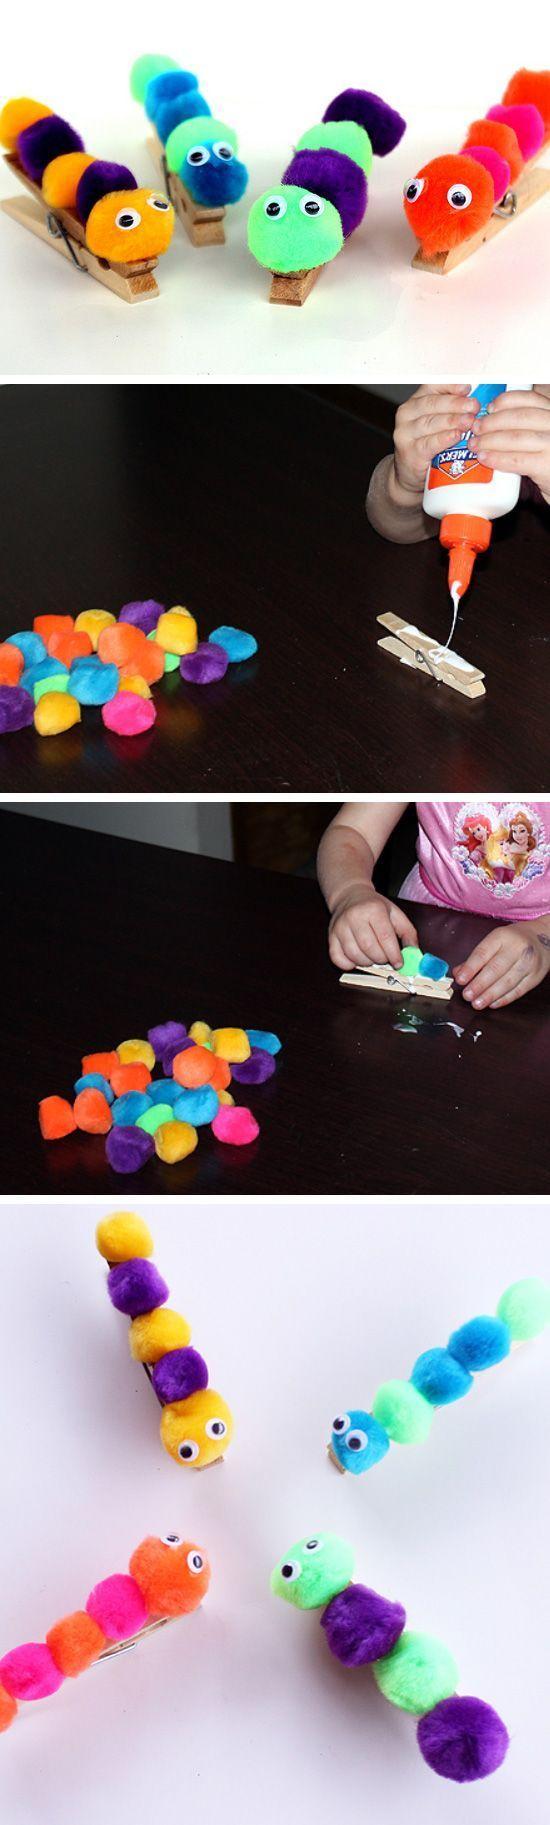 manualidades para ninos en vacaciones (4)